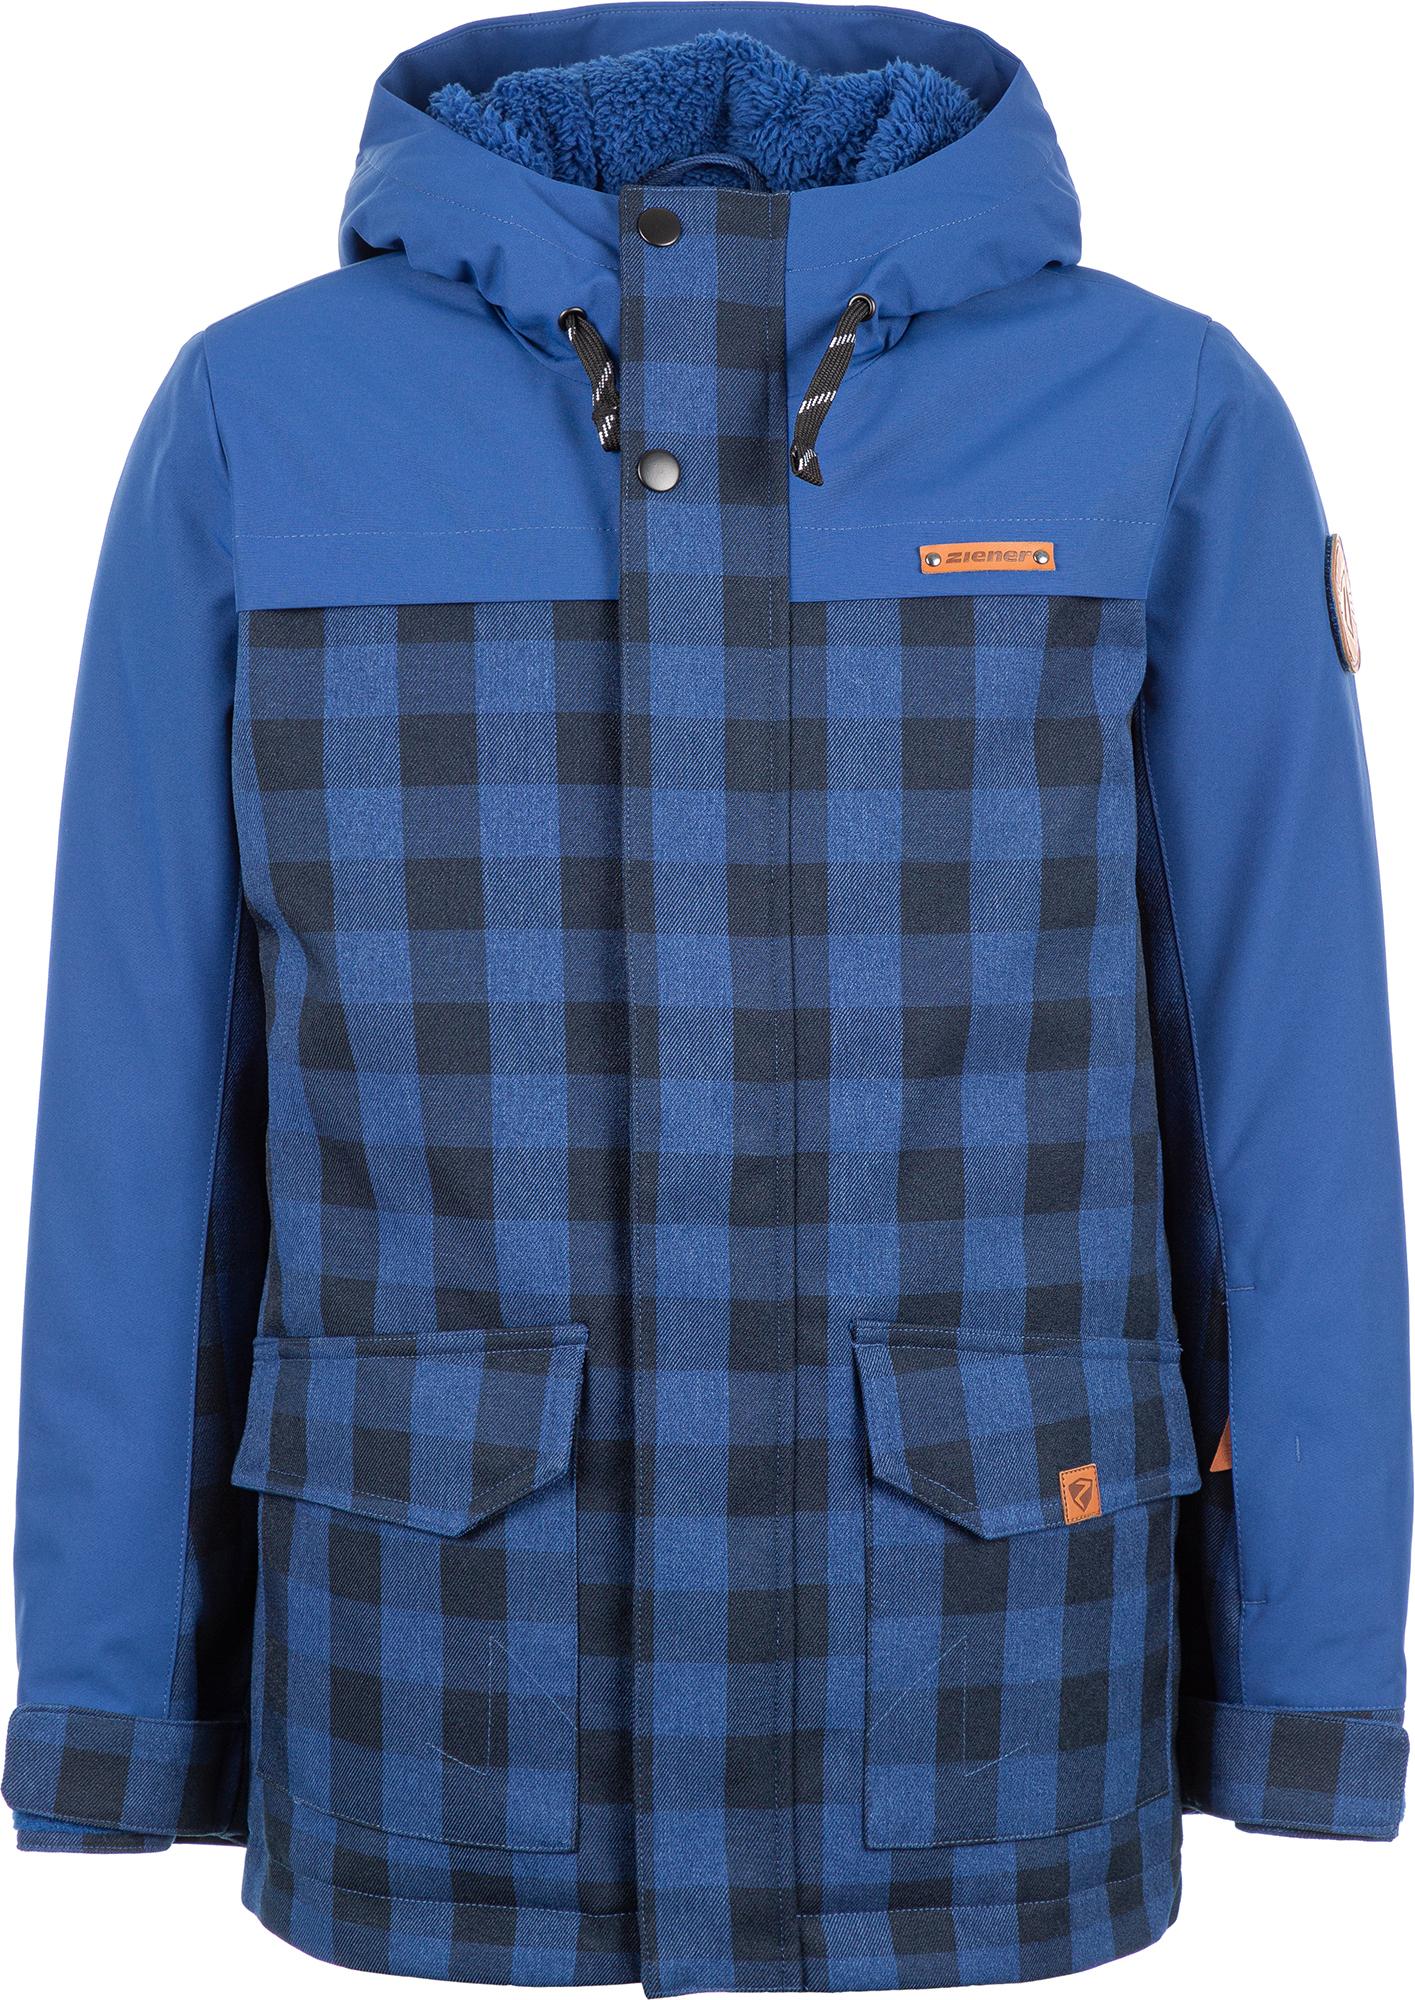 Ziener Куртка утепленная для мальчиков Ziener Alinus, размер 164